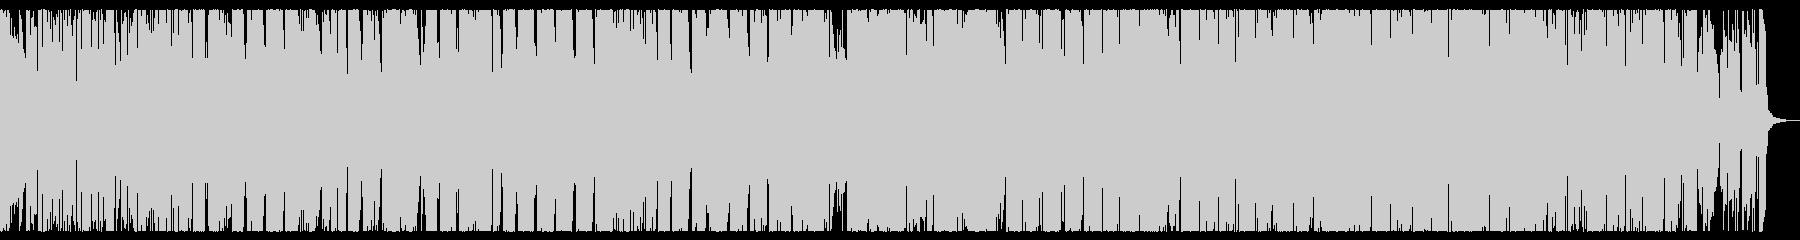 ピアノとシンセによるしっとりバラードの未再生の波形